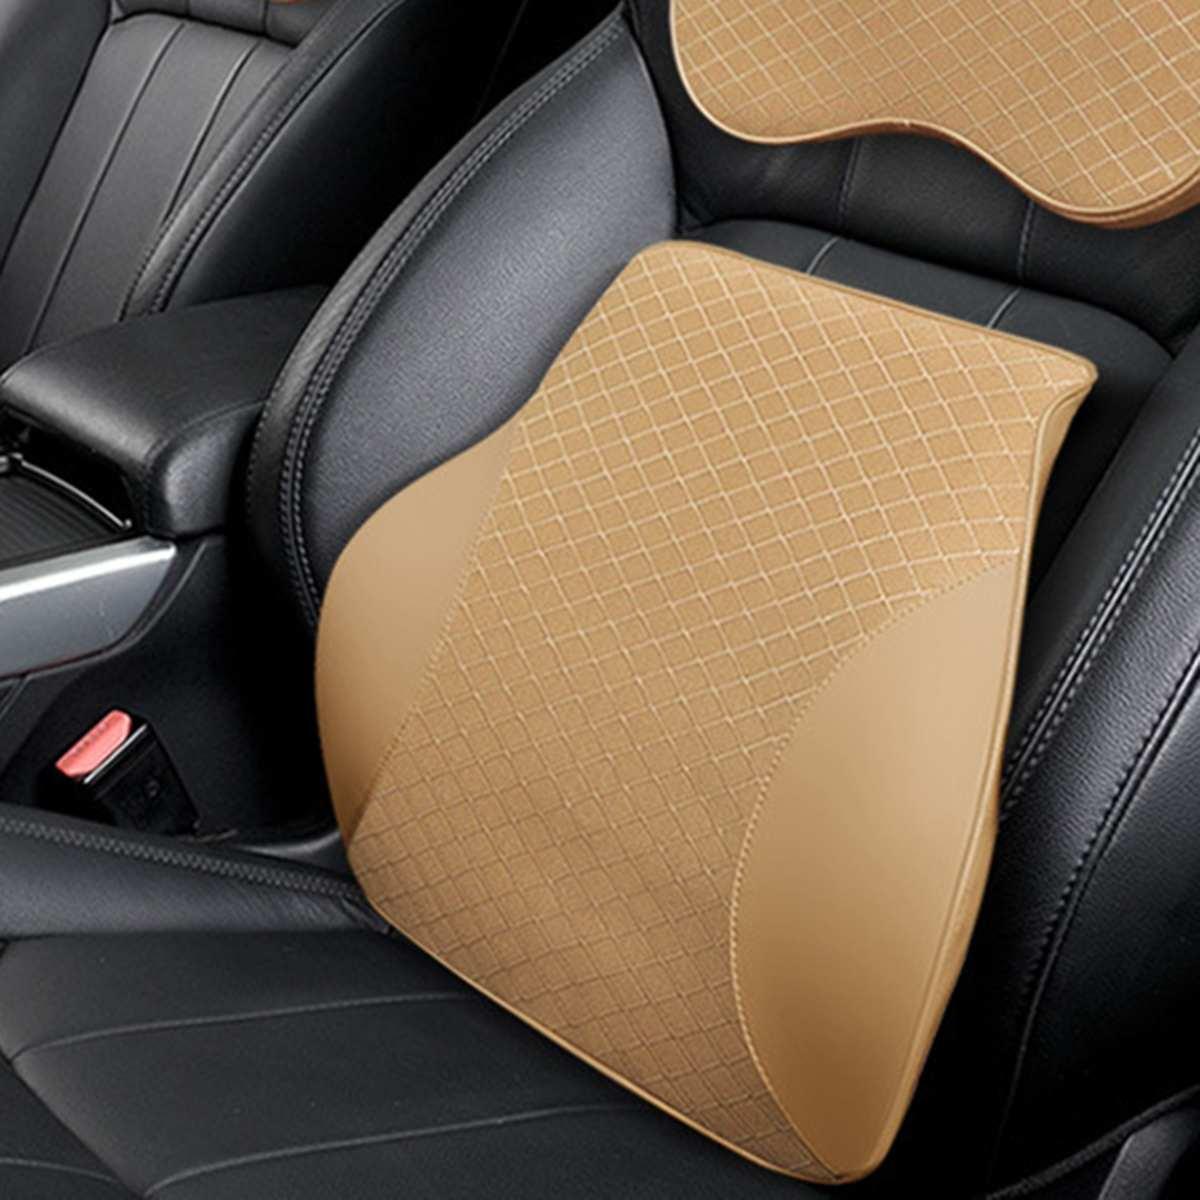 Soft Memory Foam Lumbar Support Back Massager Waist Cushion Pillow For Car Seat Pillows Relieve Pain Back Rest Lumbar Cushion